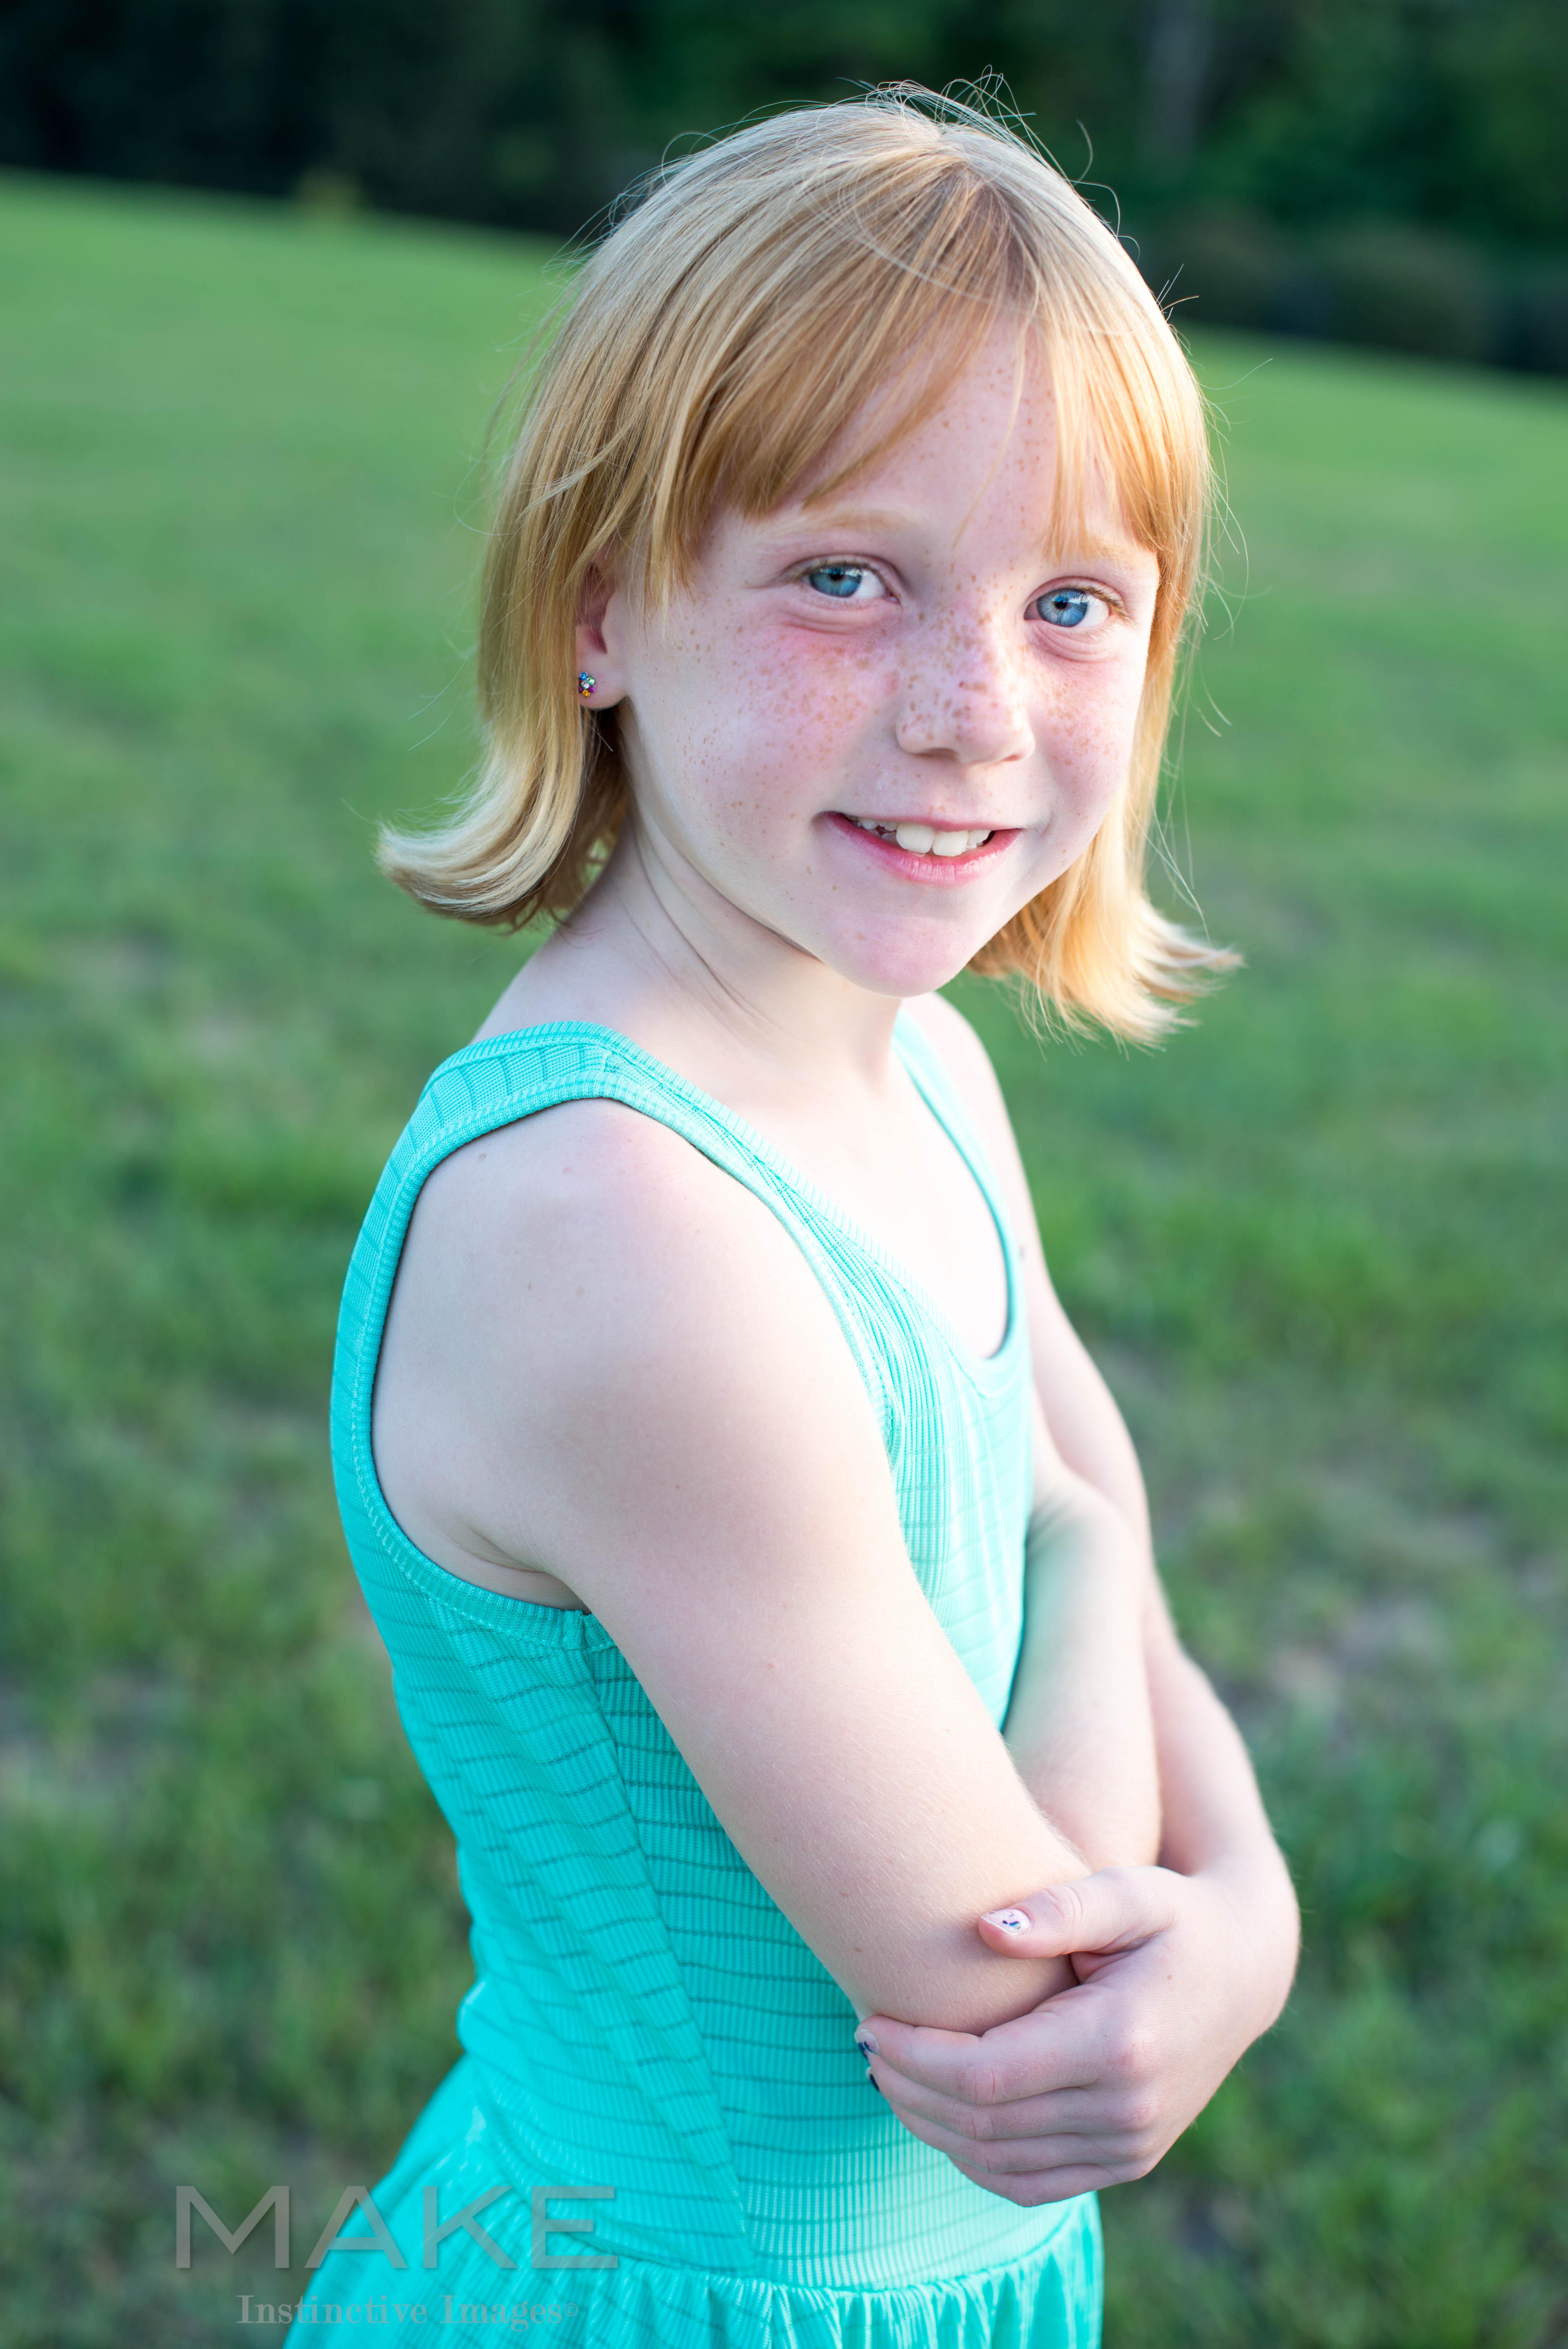 Portrait-of-a-girl-outside-in-a-field